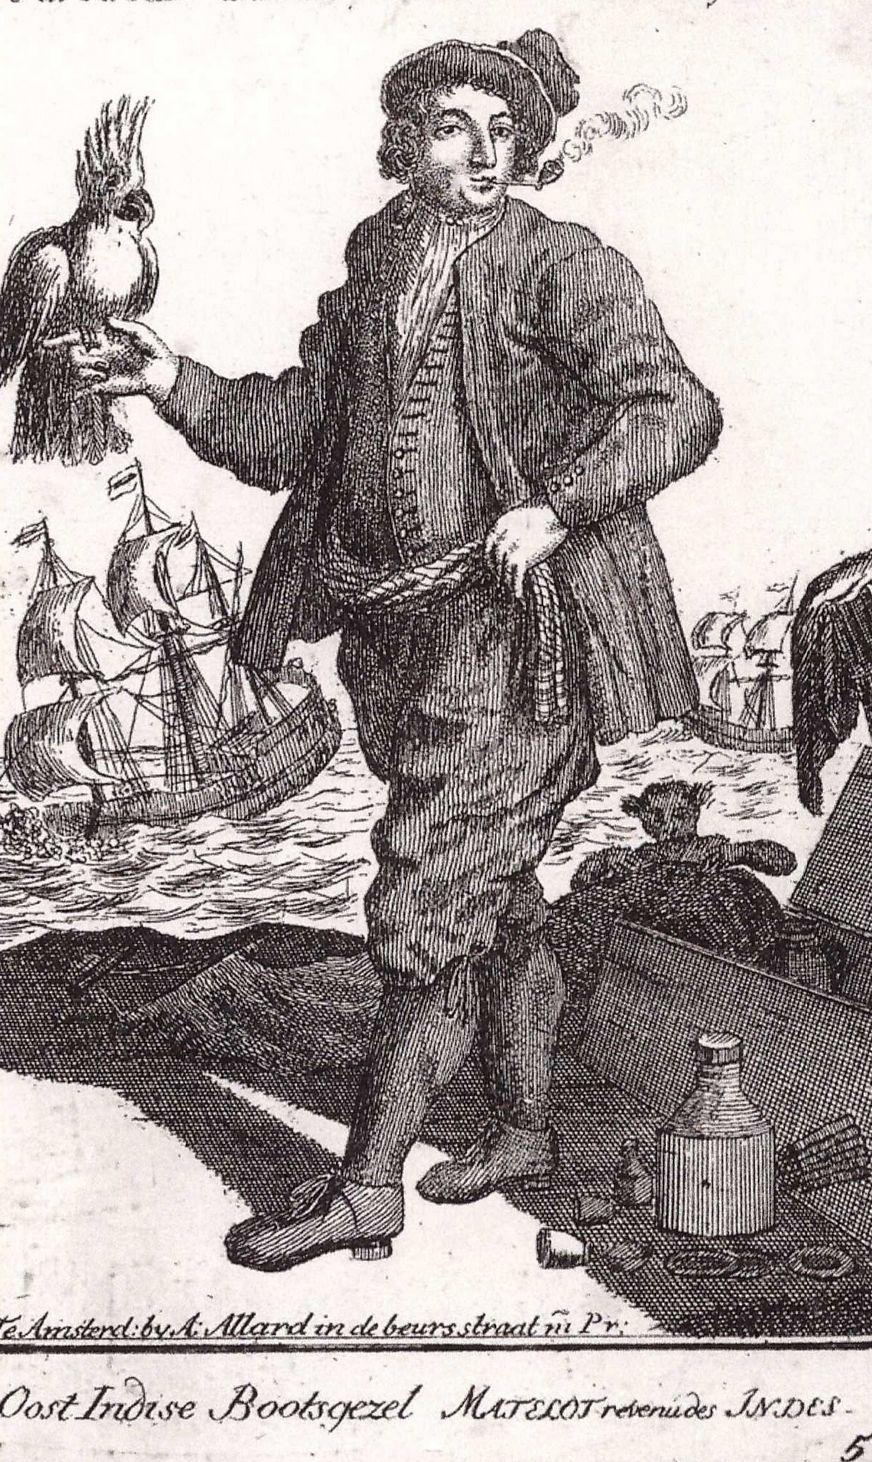 Stevig rokende 'Oost indise Bootsgezel', achttiende eeuw.